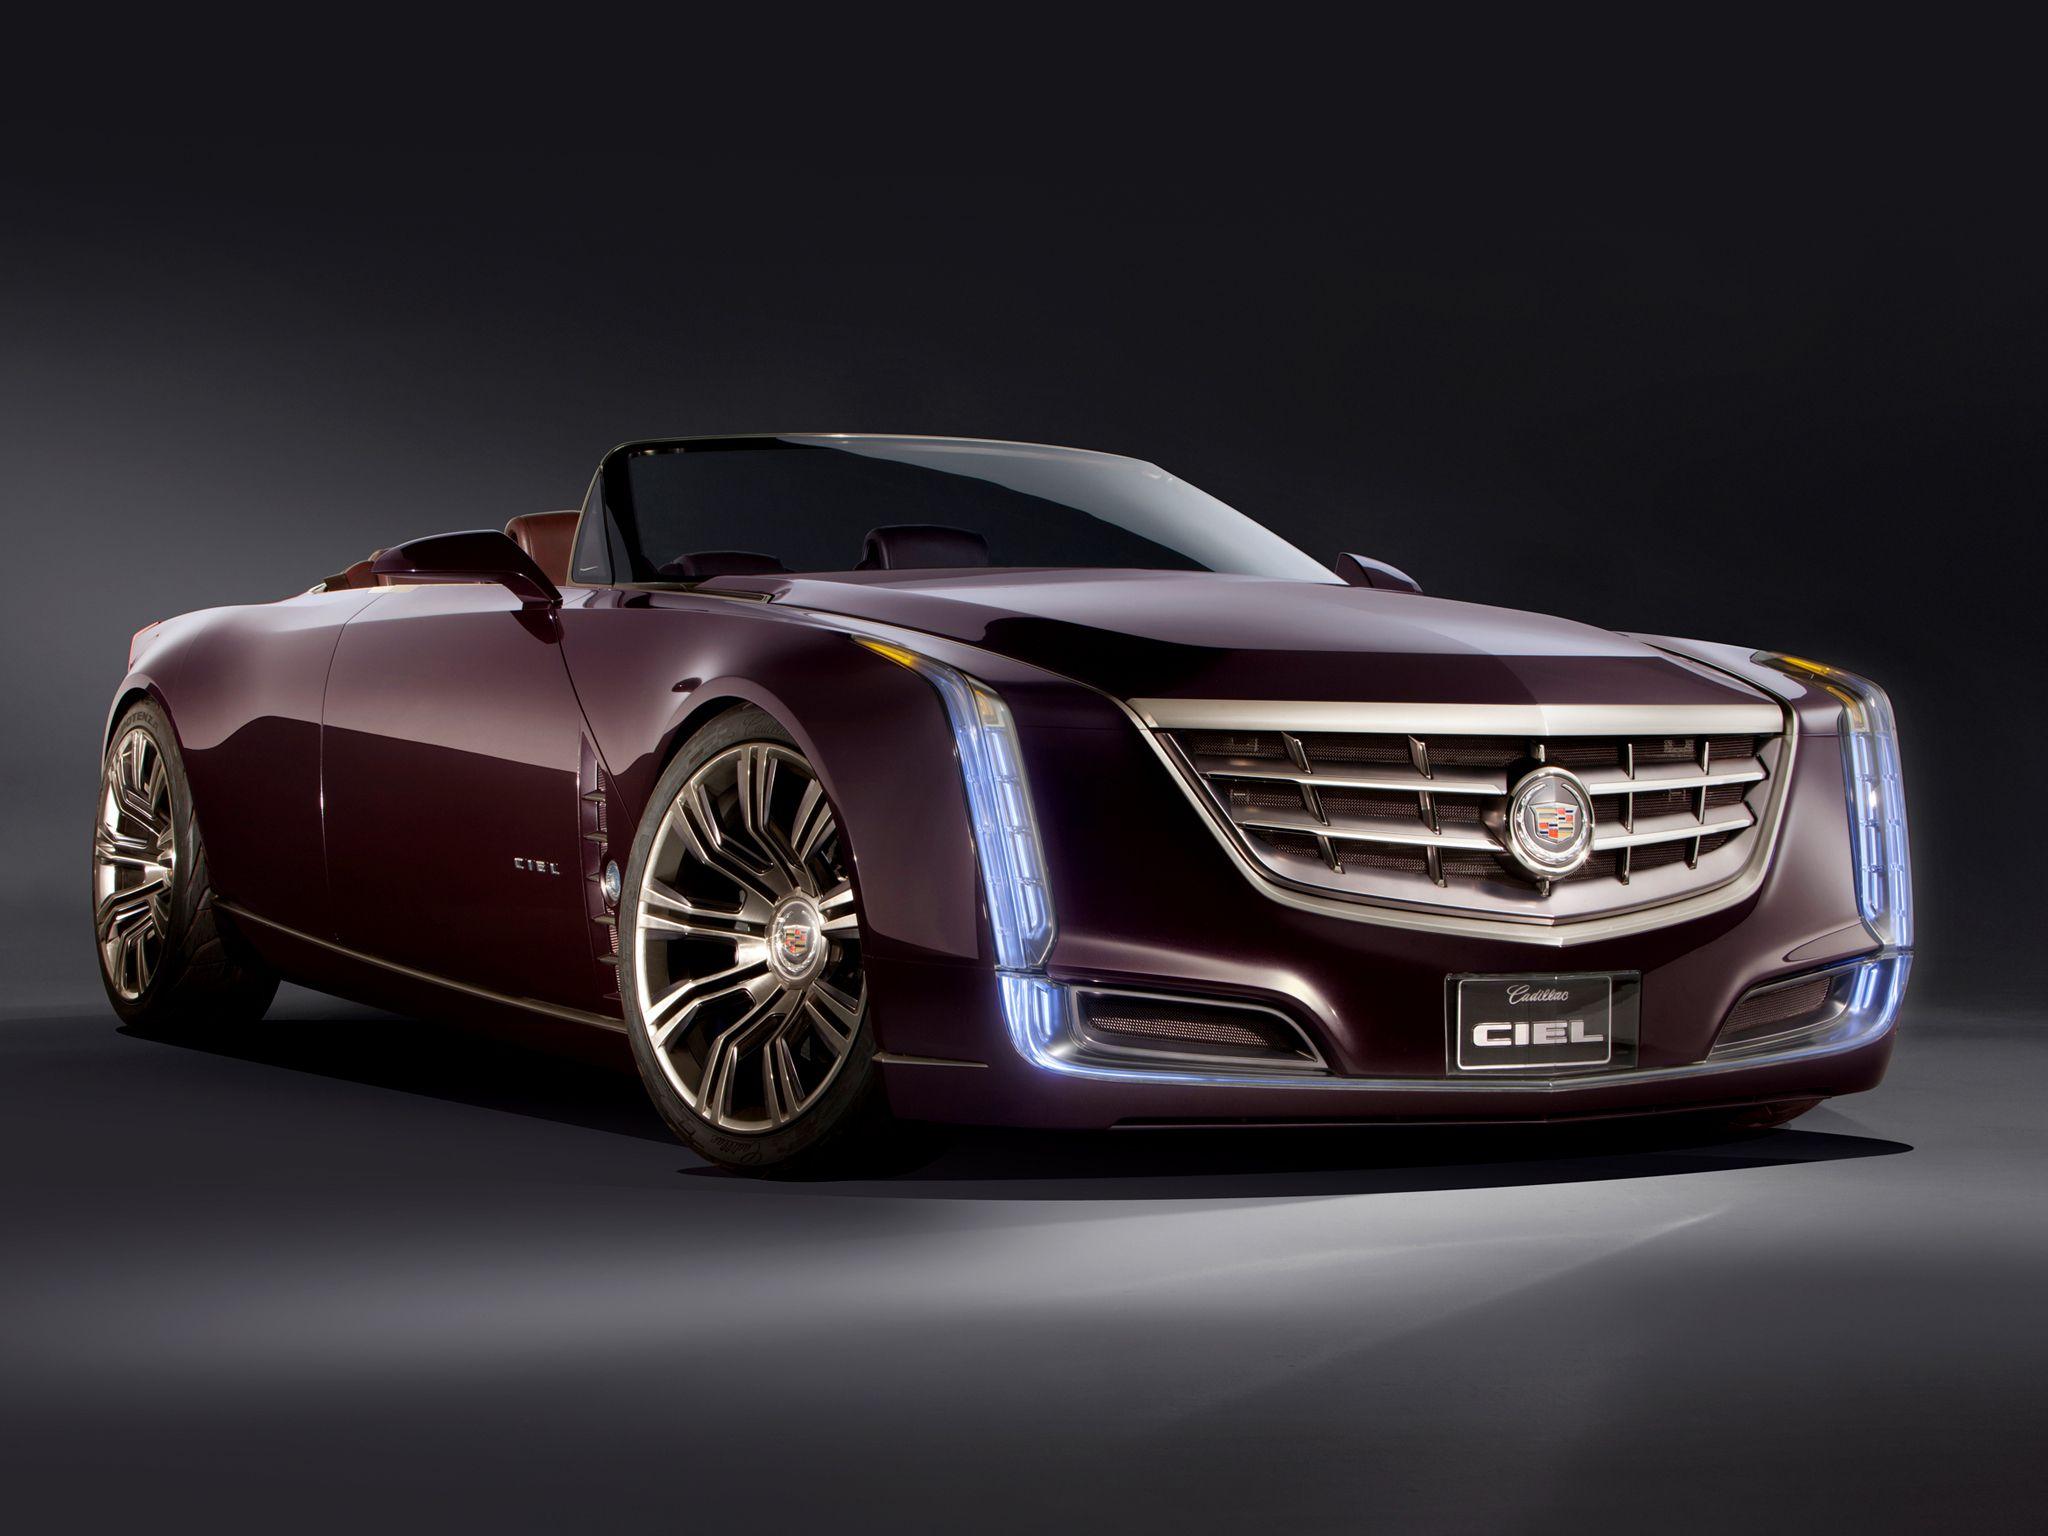 2011 Cadillac Ciel Concept Cars Trucks Cadillac Concept Cars